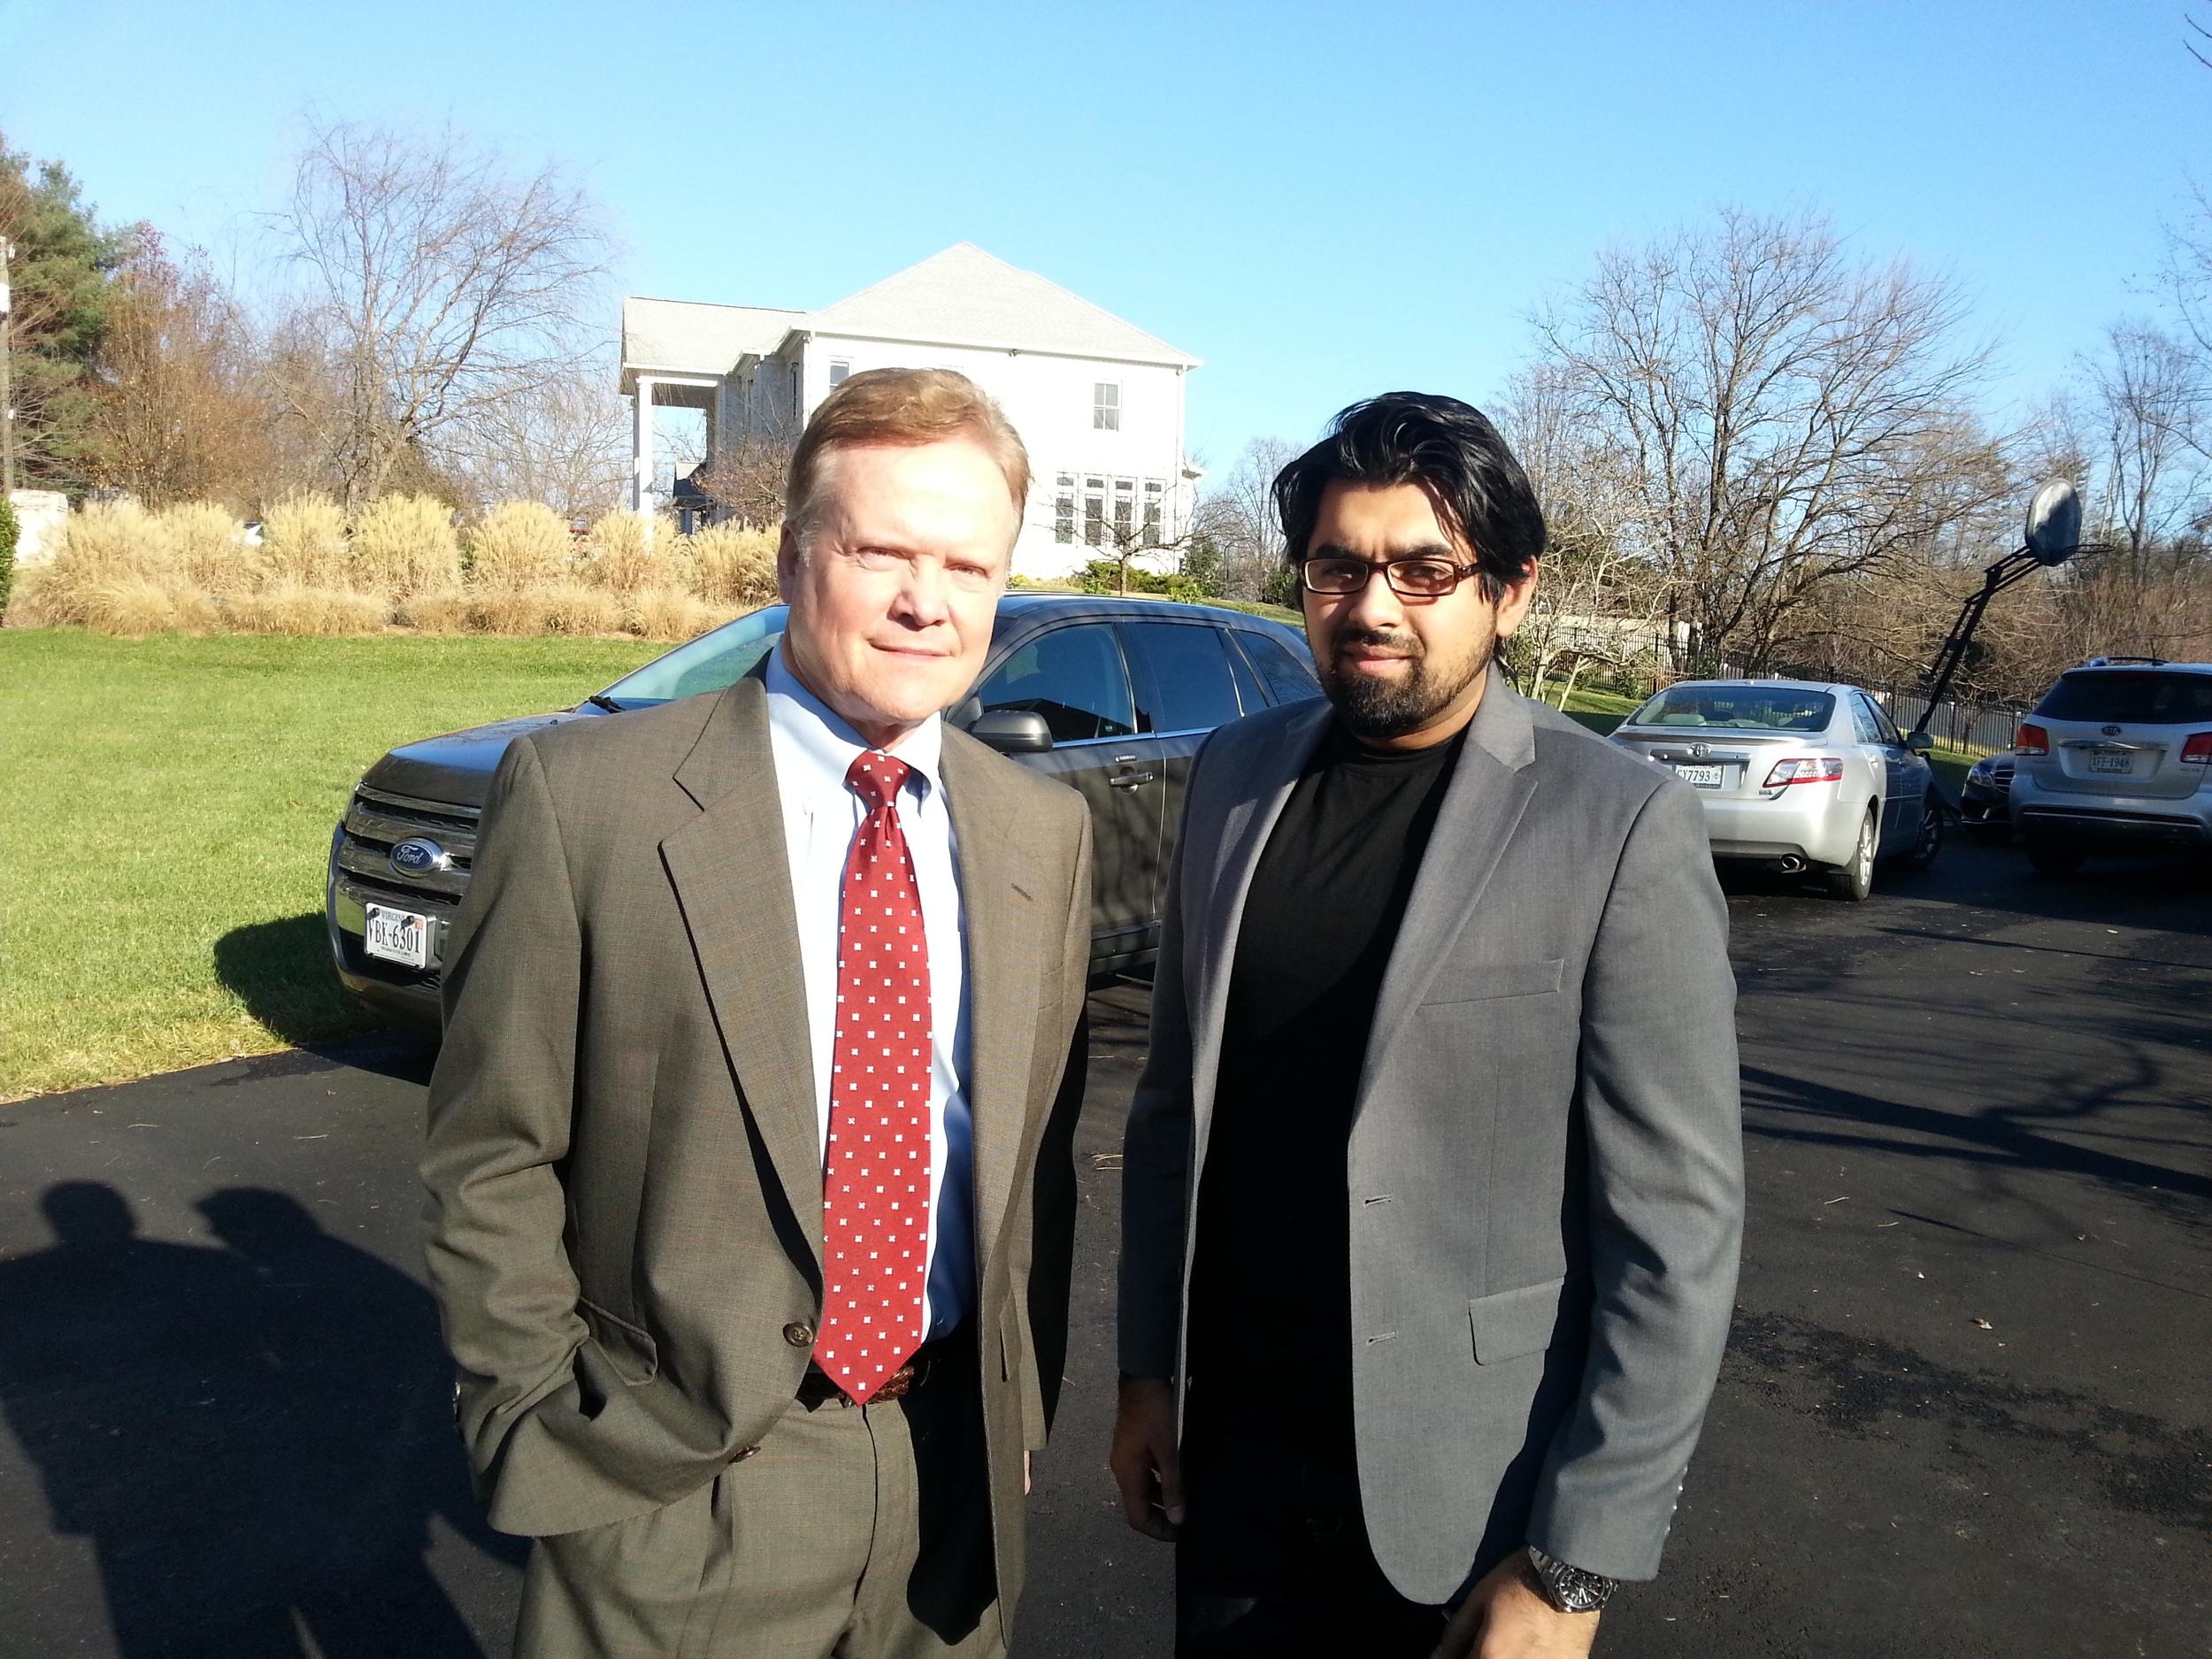 Dr. Chaudhry with Senator Jim Webb